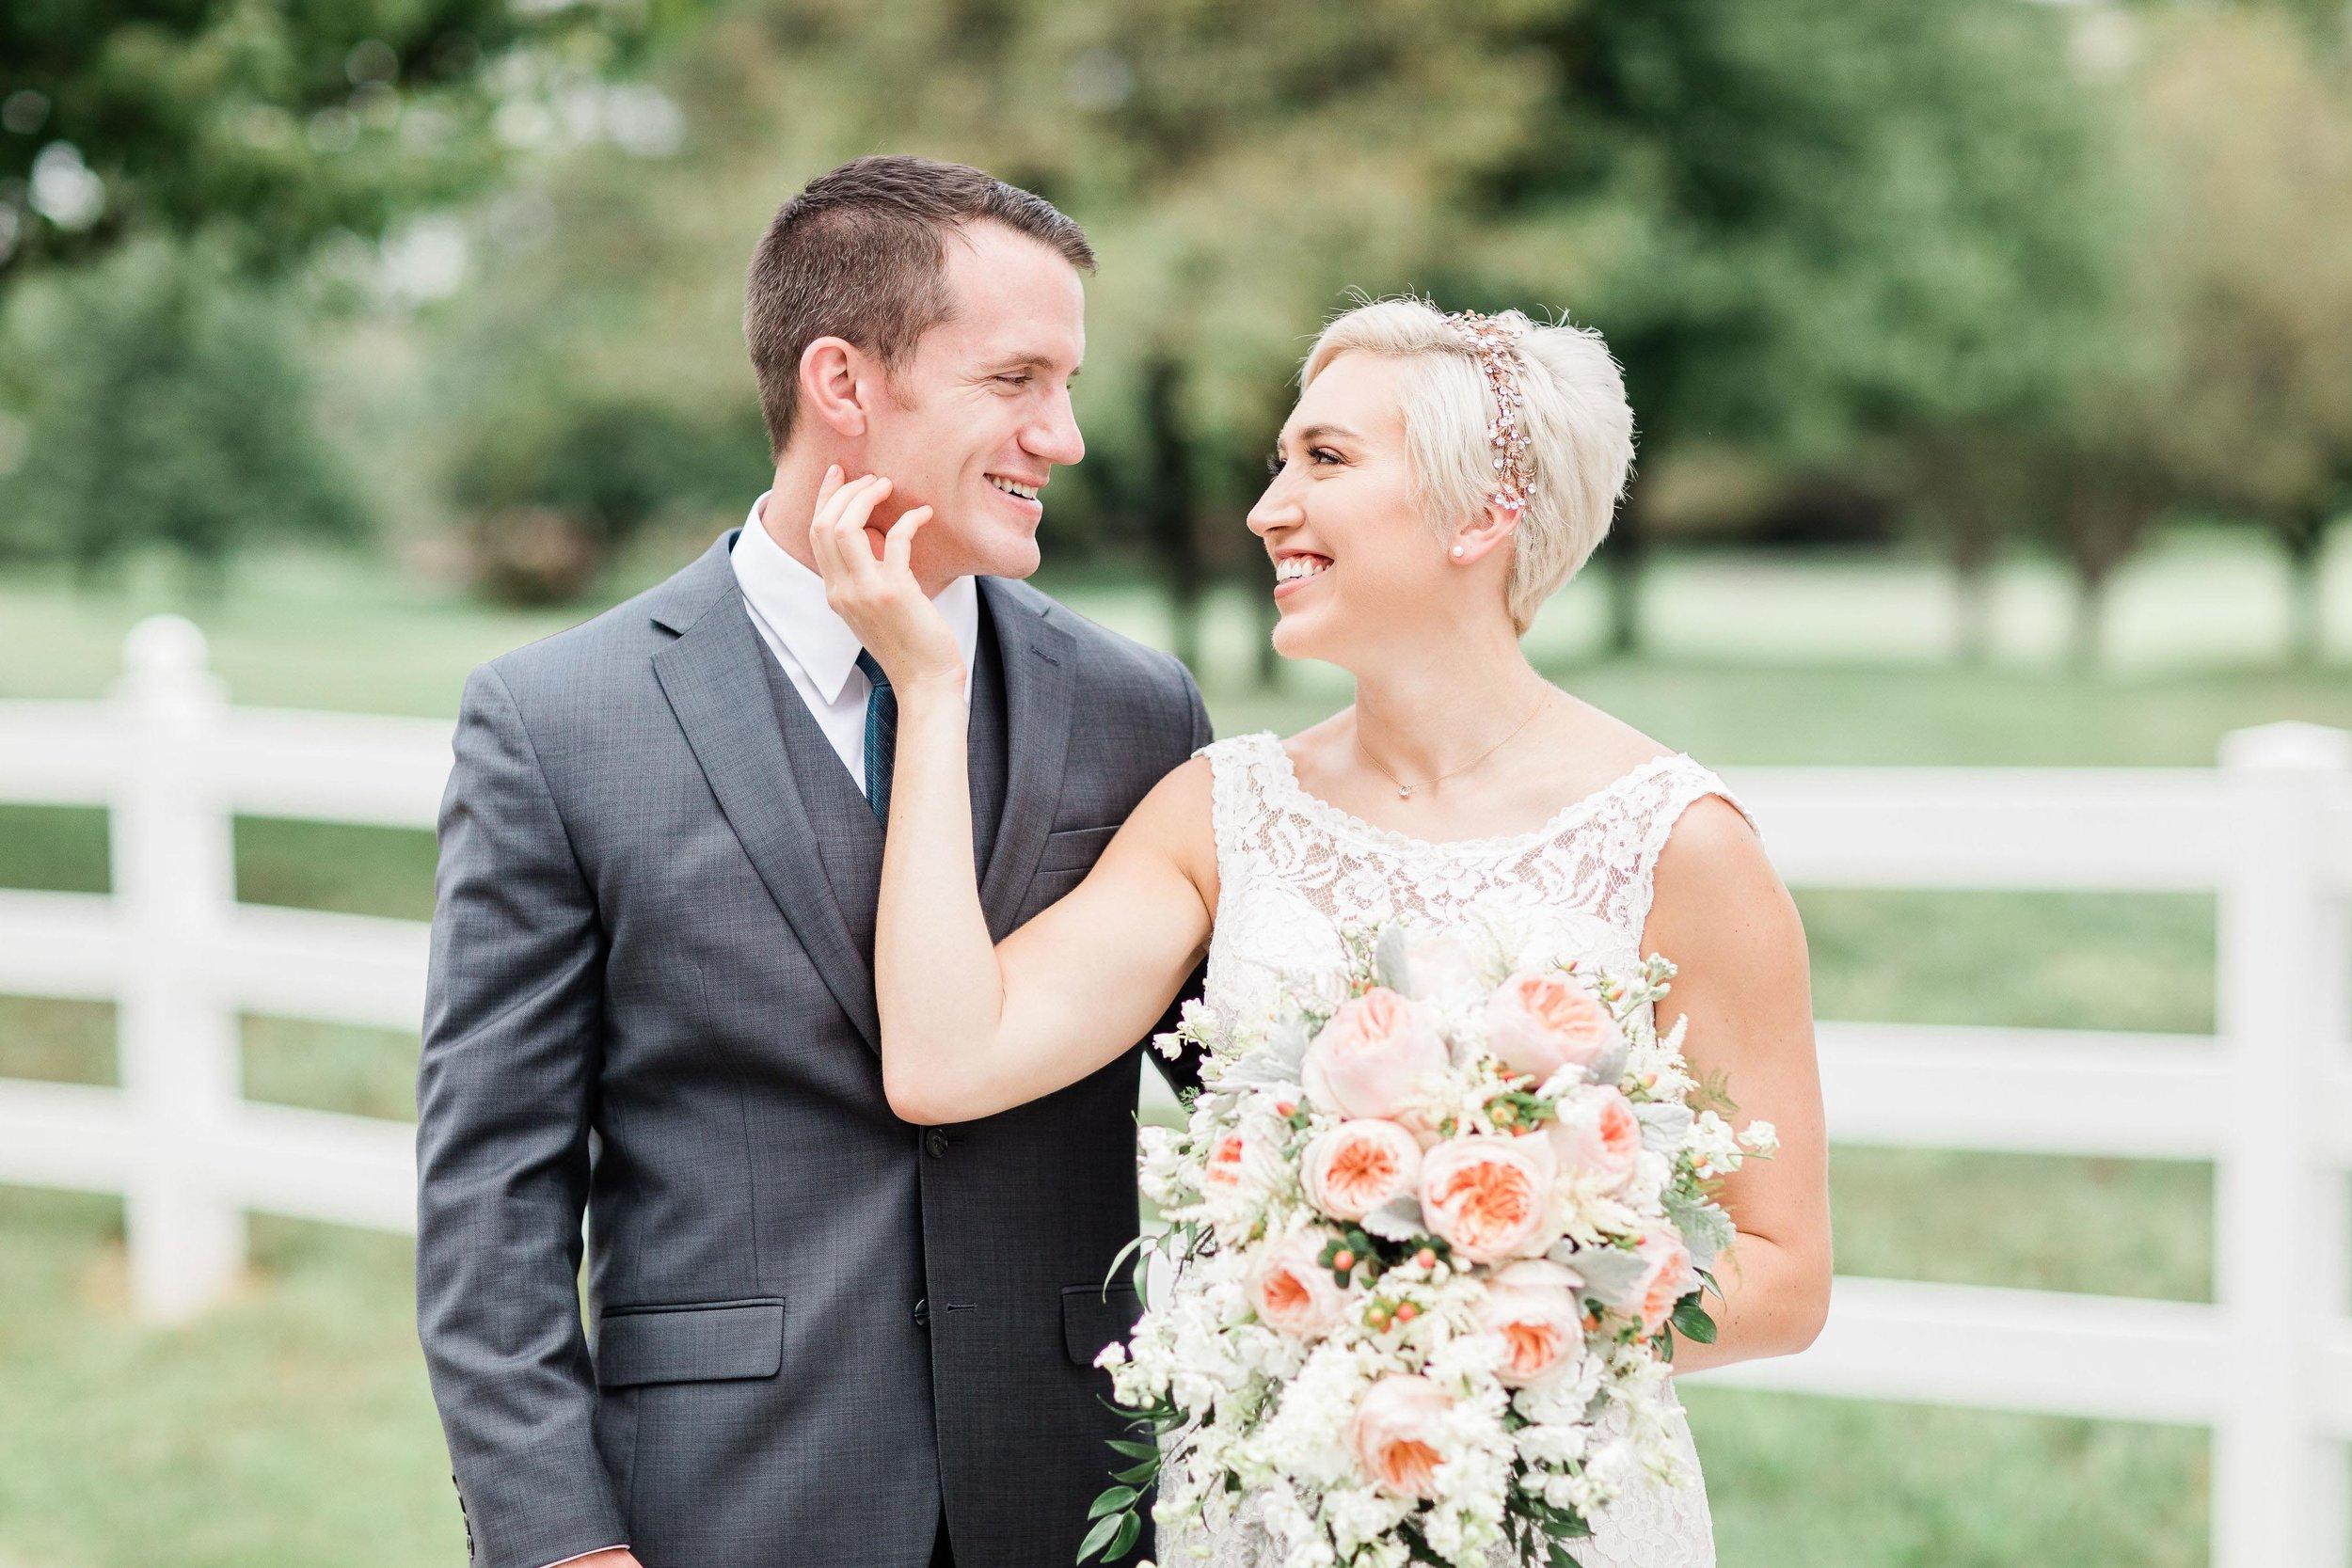 cincinnati wedding photographers-2.jpg